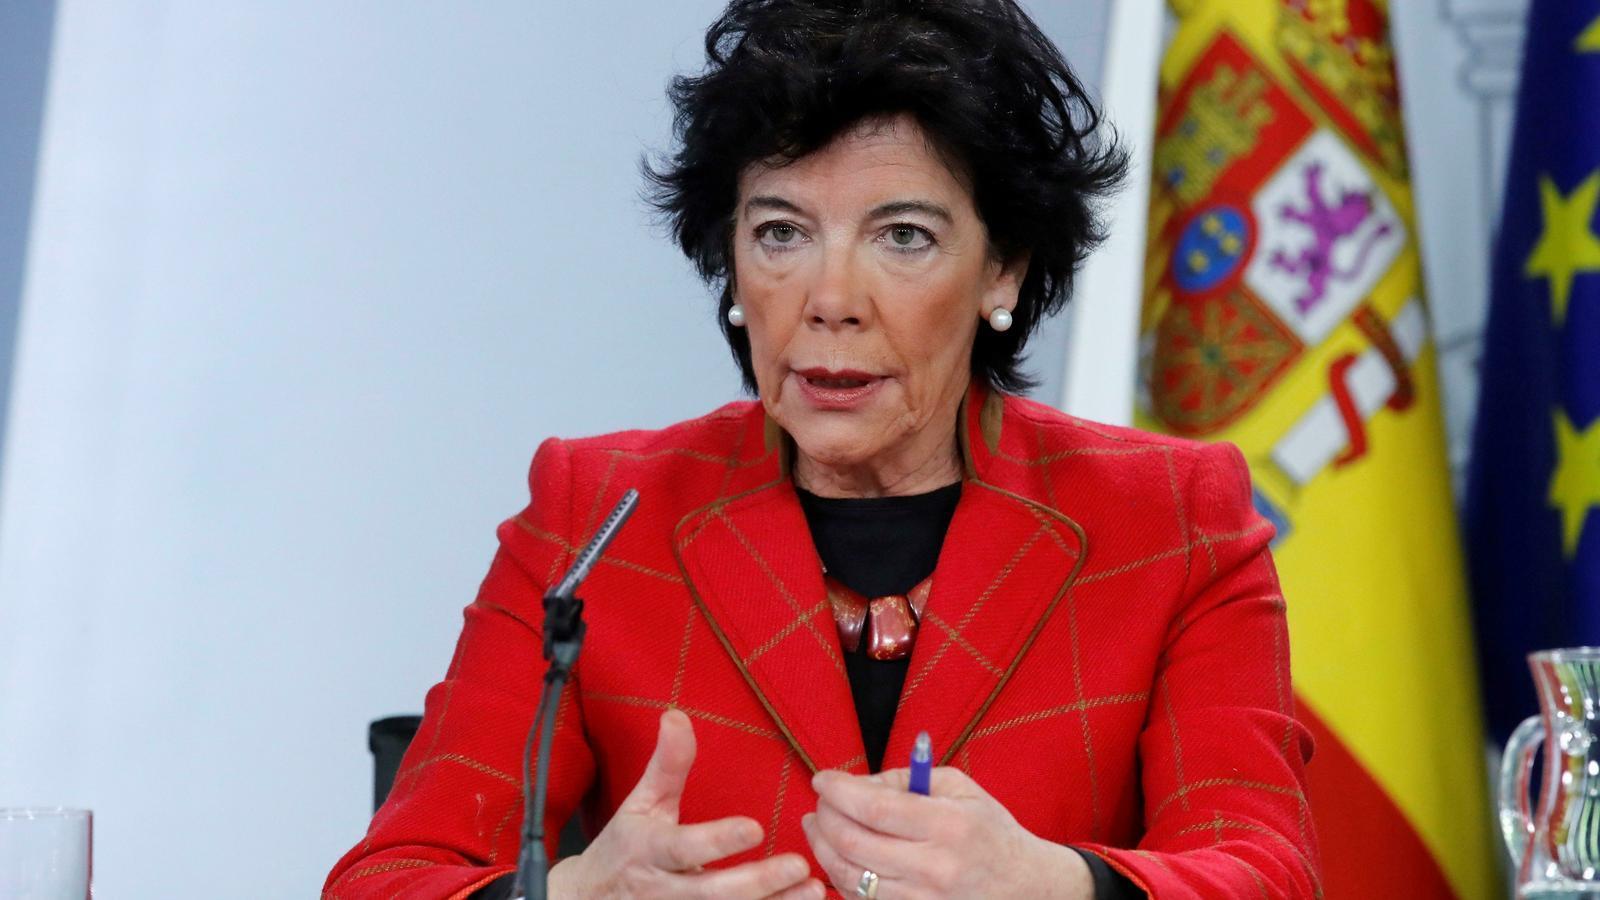 La ministra d'Educació, Isabel Celaá, durant la roda de premsa posterior al consell de ministres divendres passat.